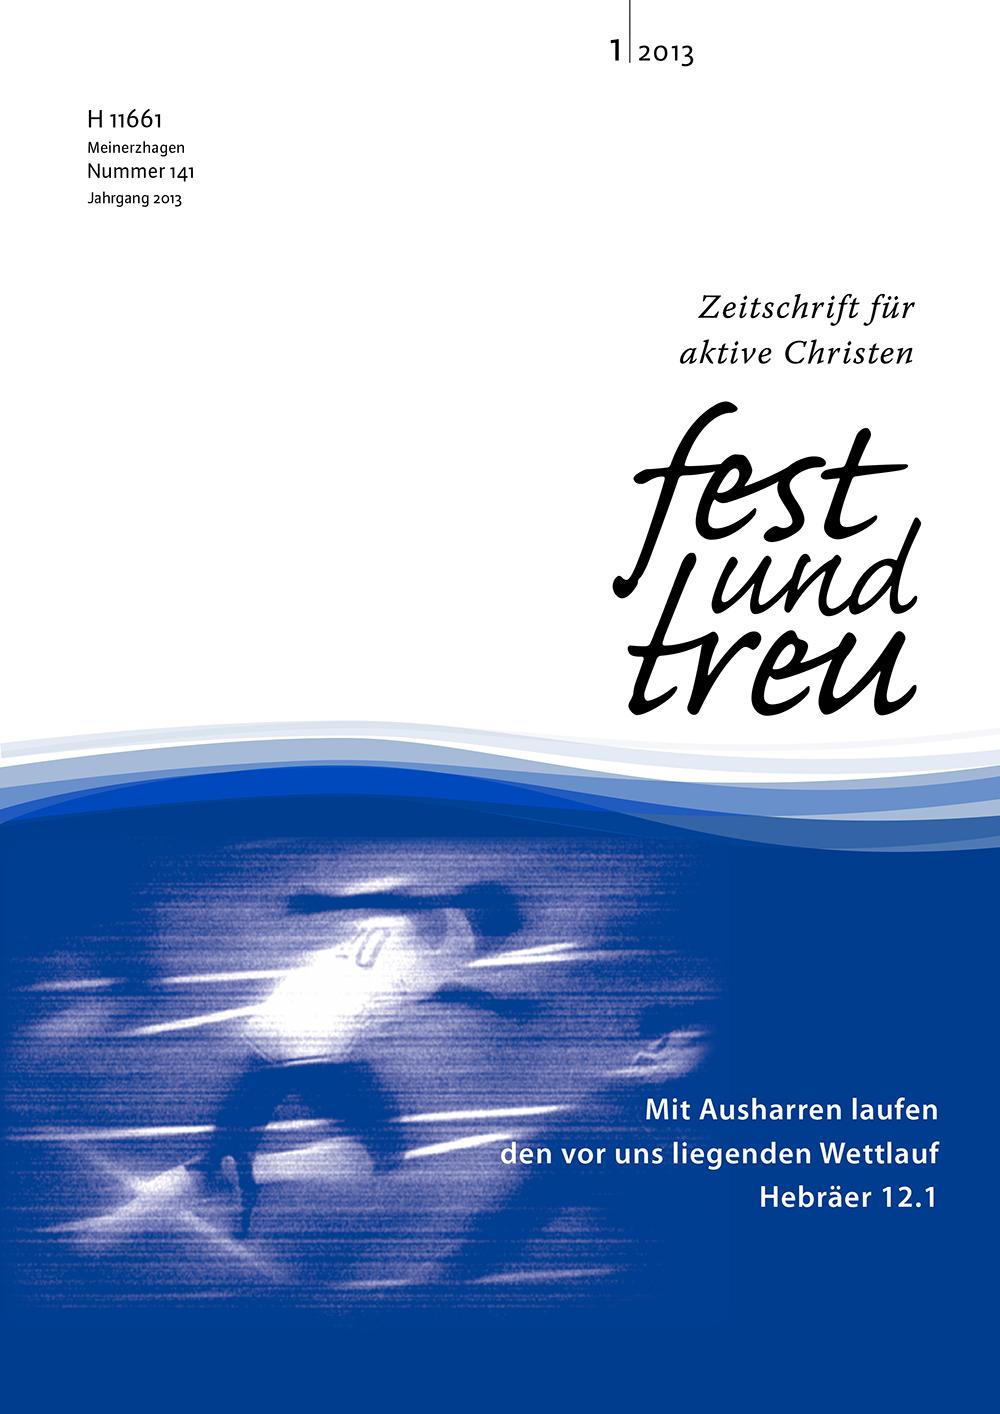 CLV_fest-treu-1-2013_2551301_1